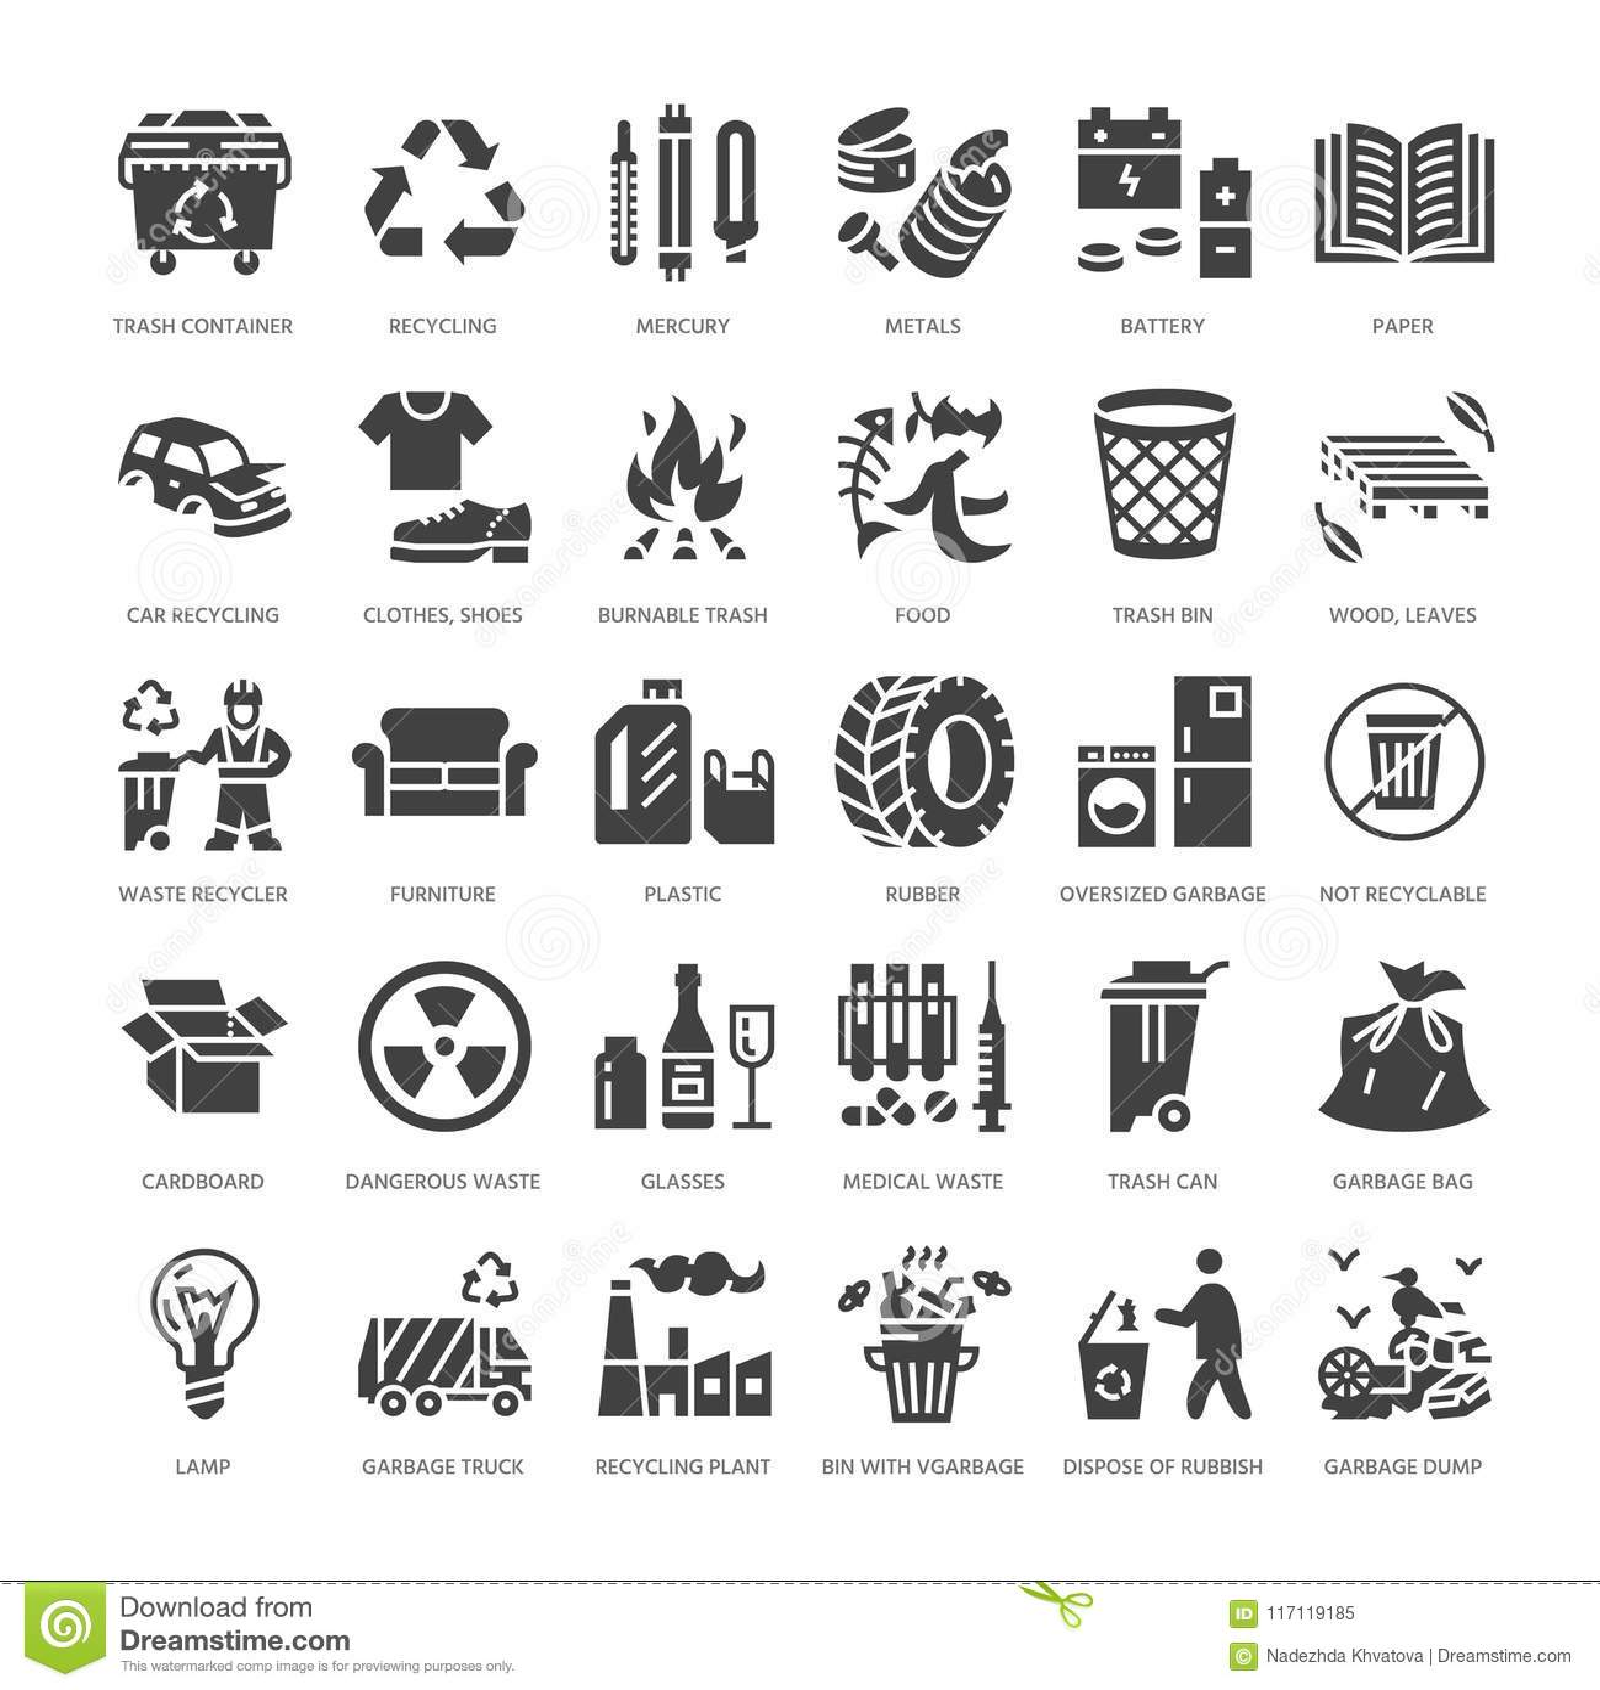 Wiederverwertung von flachen Glyphikonen Verschmutzung, bereiten Anlage auf Abfall, der Arten - Papier, Glas, Plastik, Metall, br